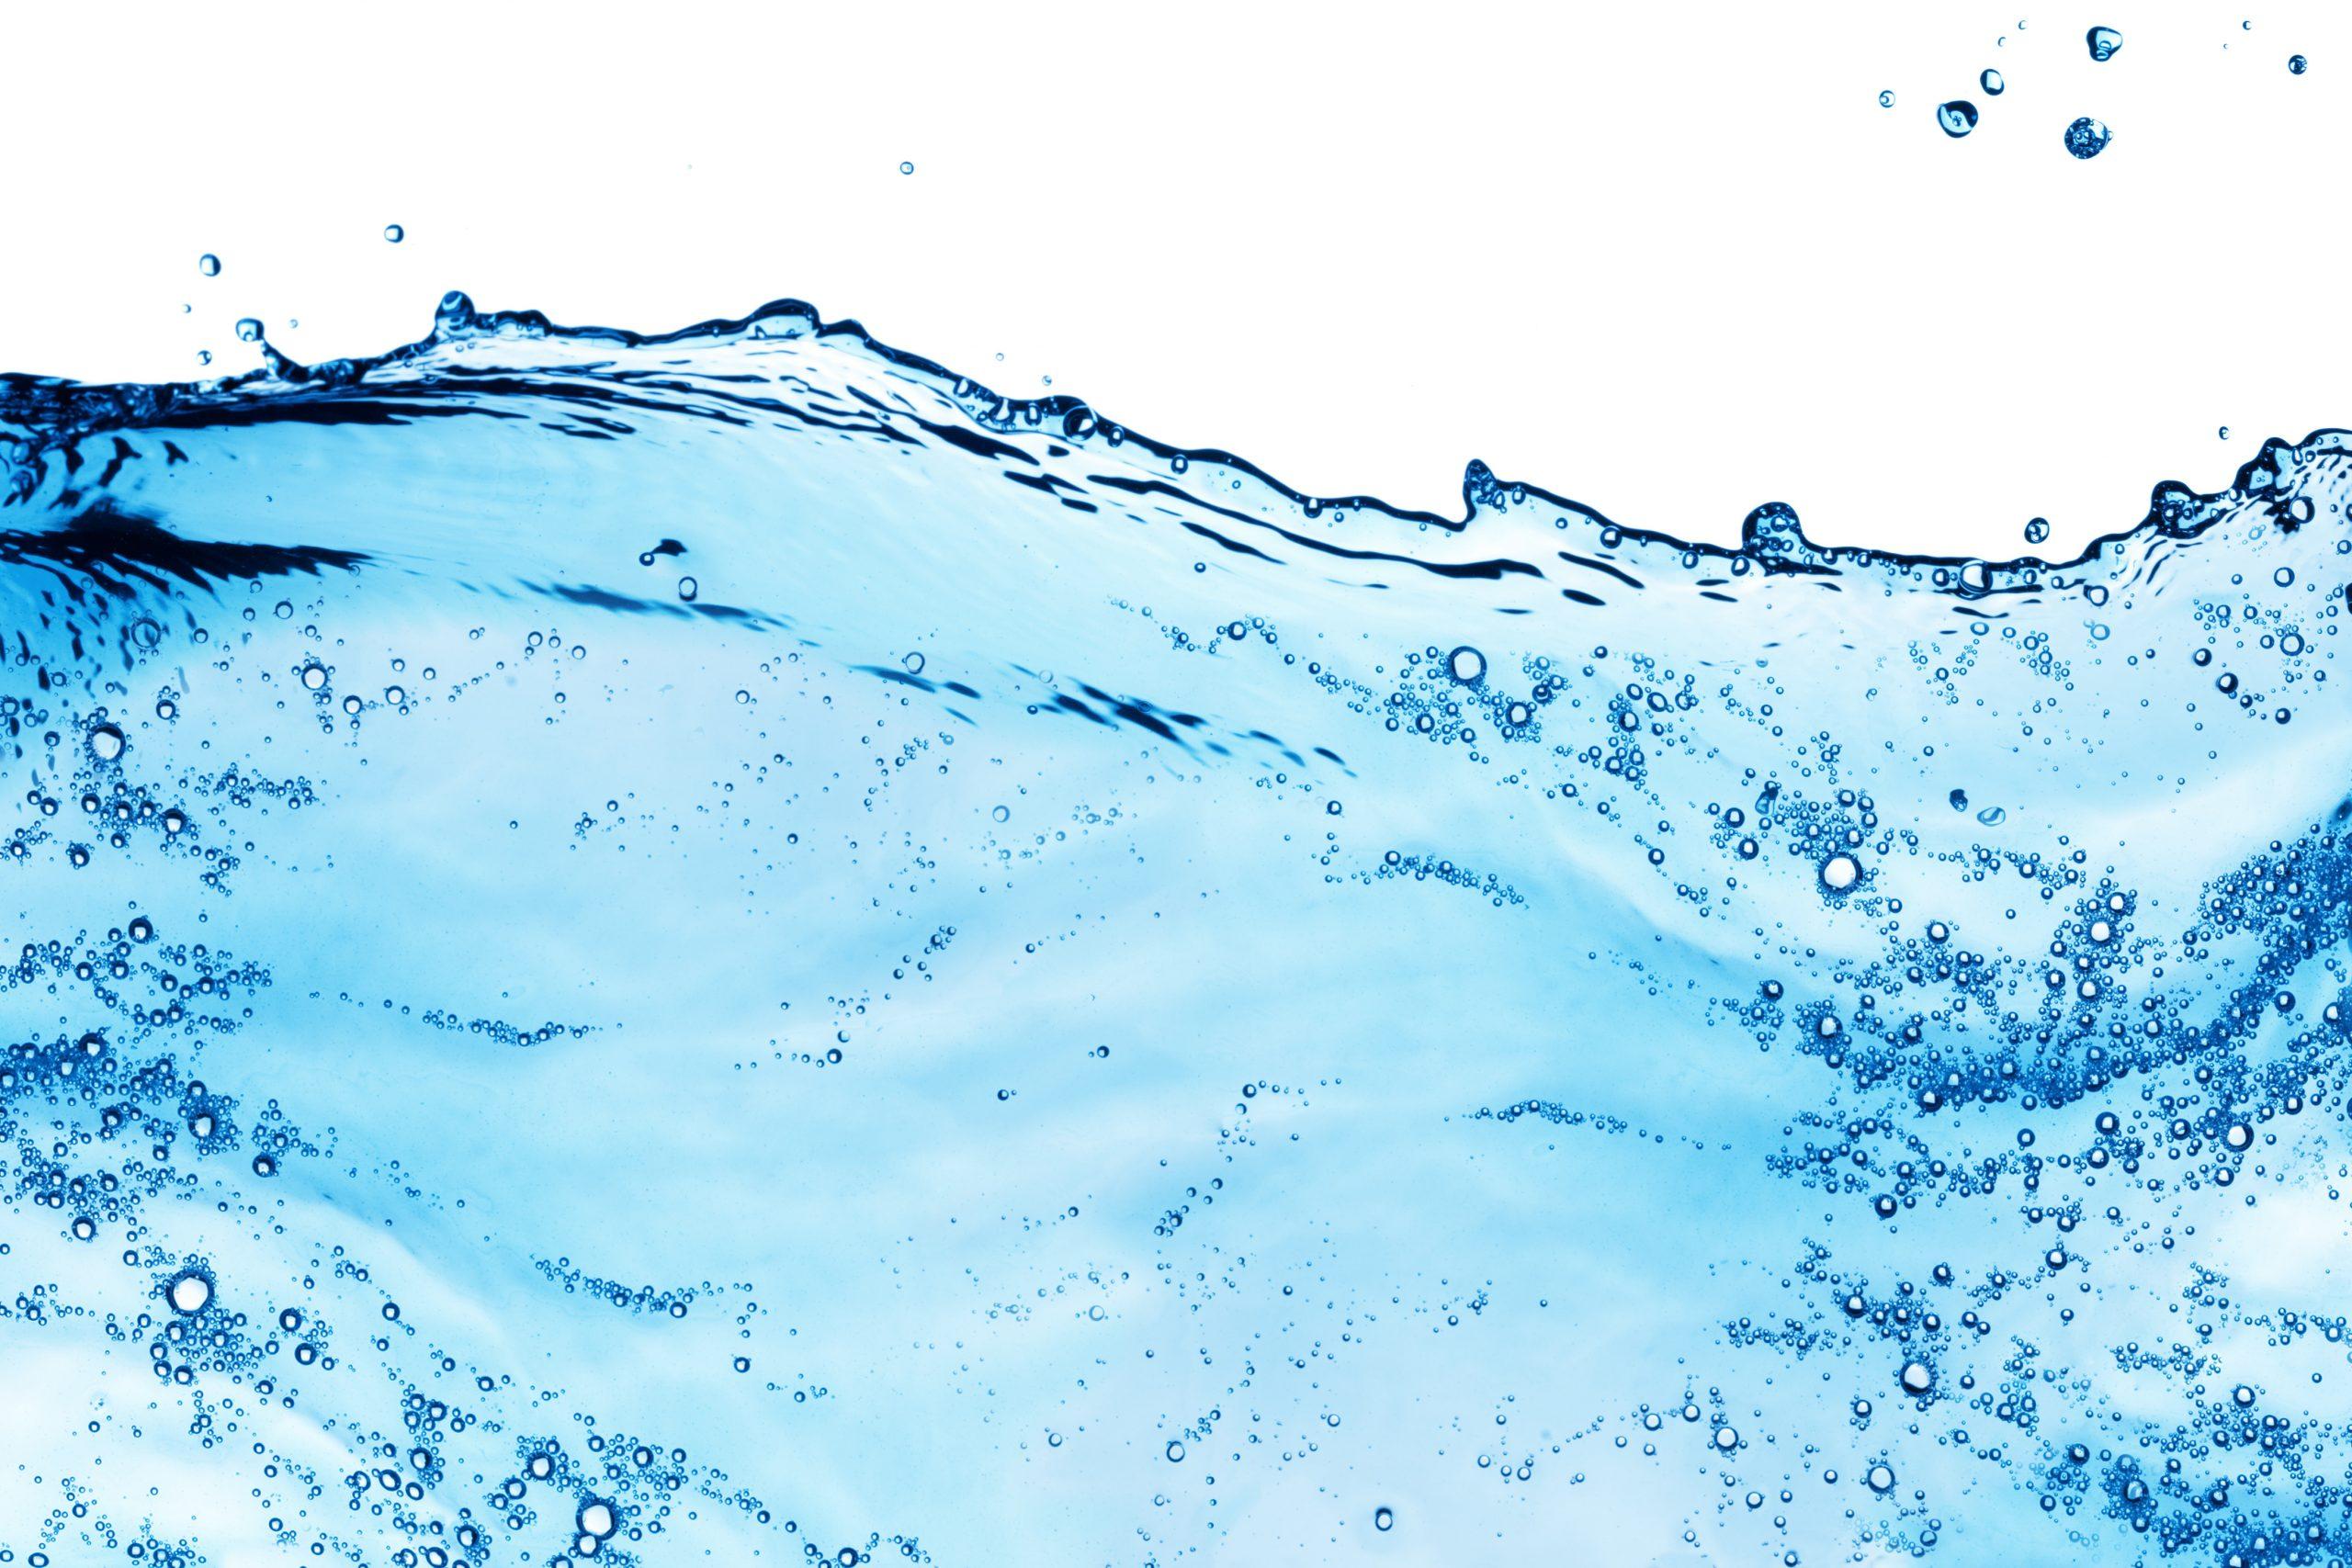 El ozono en la desinfección del agua de la piscina